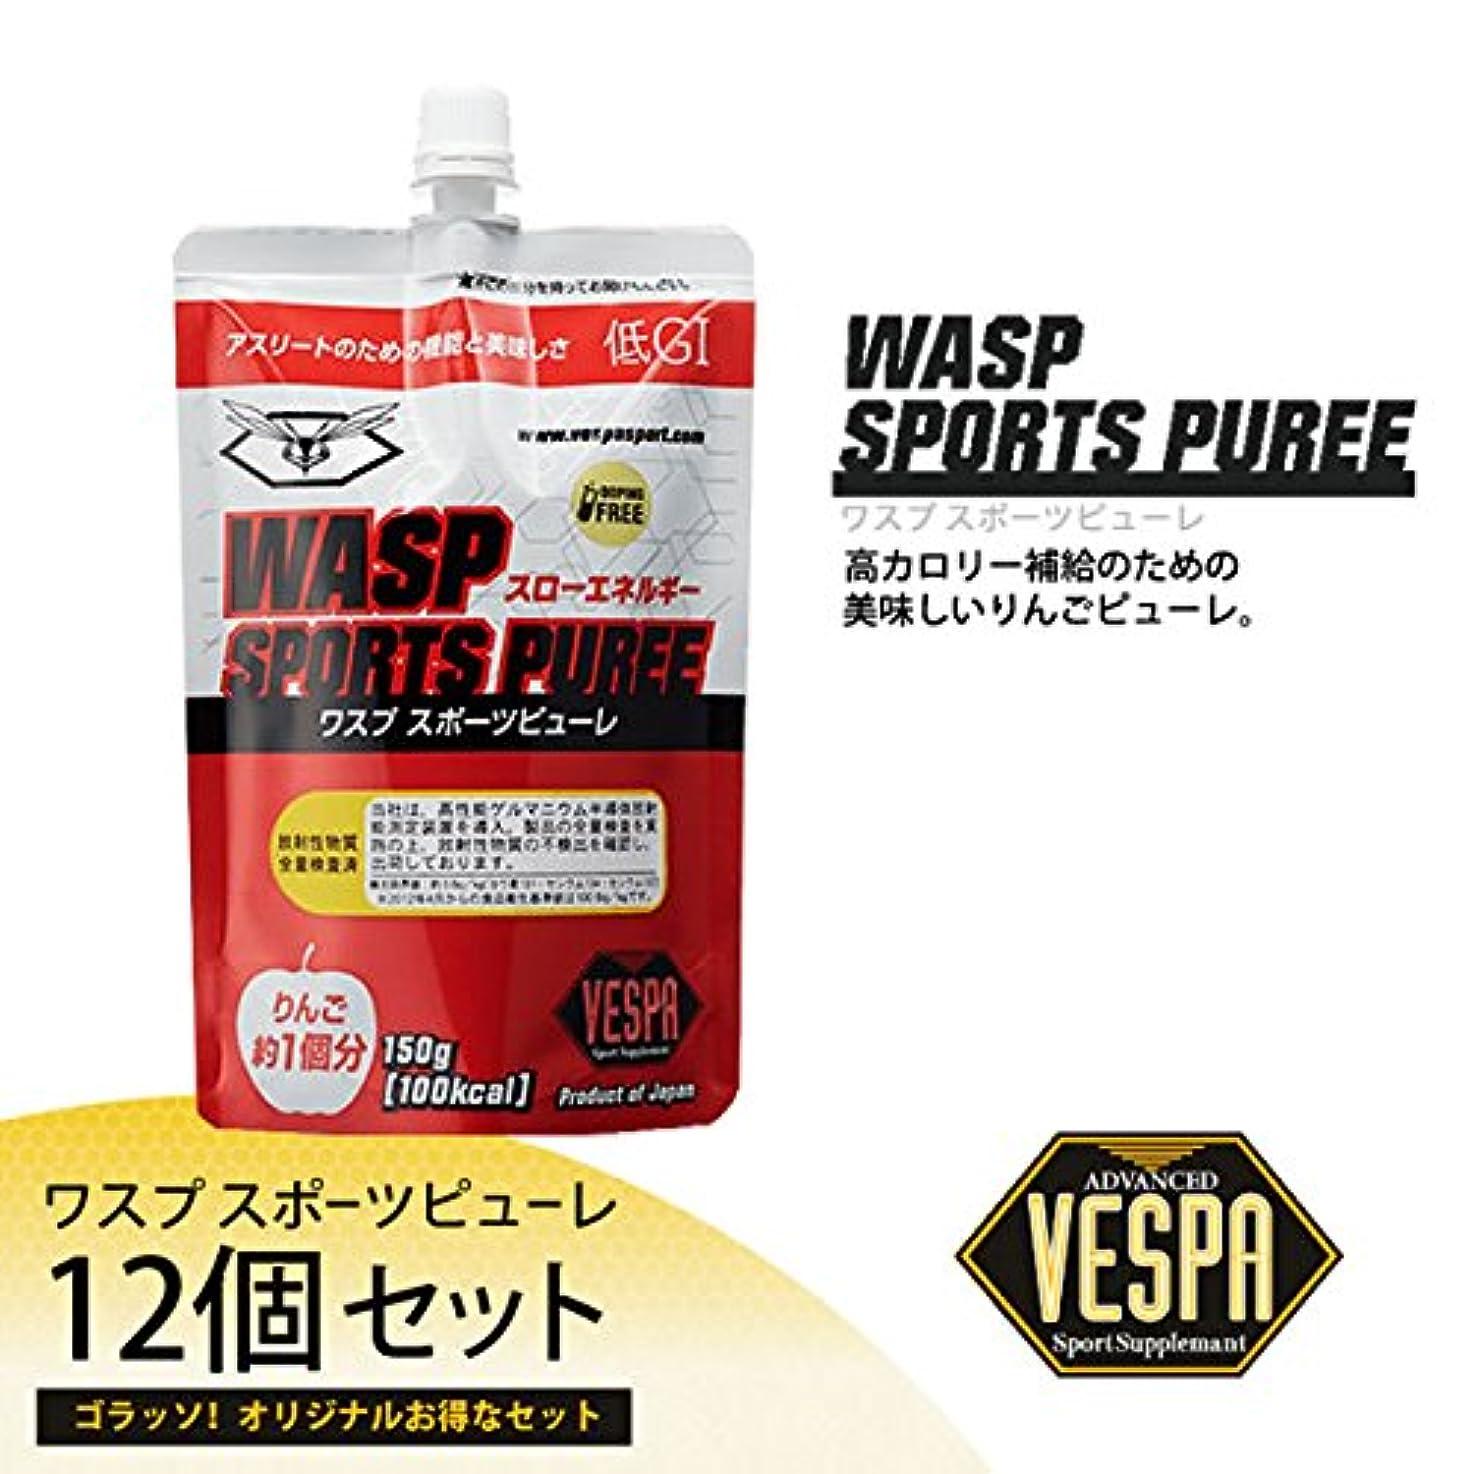 ブランチマイコン苦味VESPA(べスパ) WASP SPORTS PUREE(ワスプ スポーツピューレ) 150ml ×12個